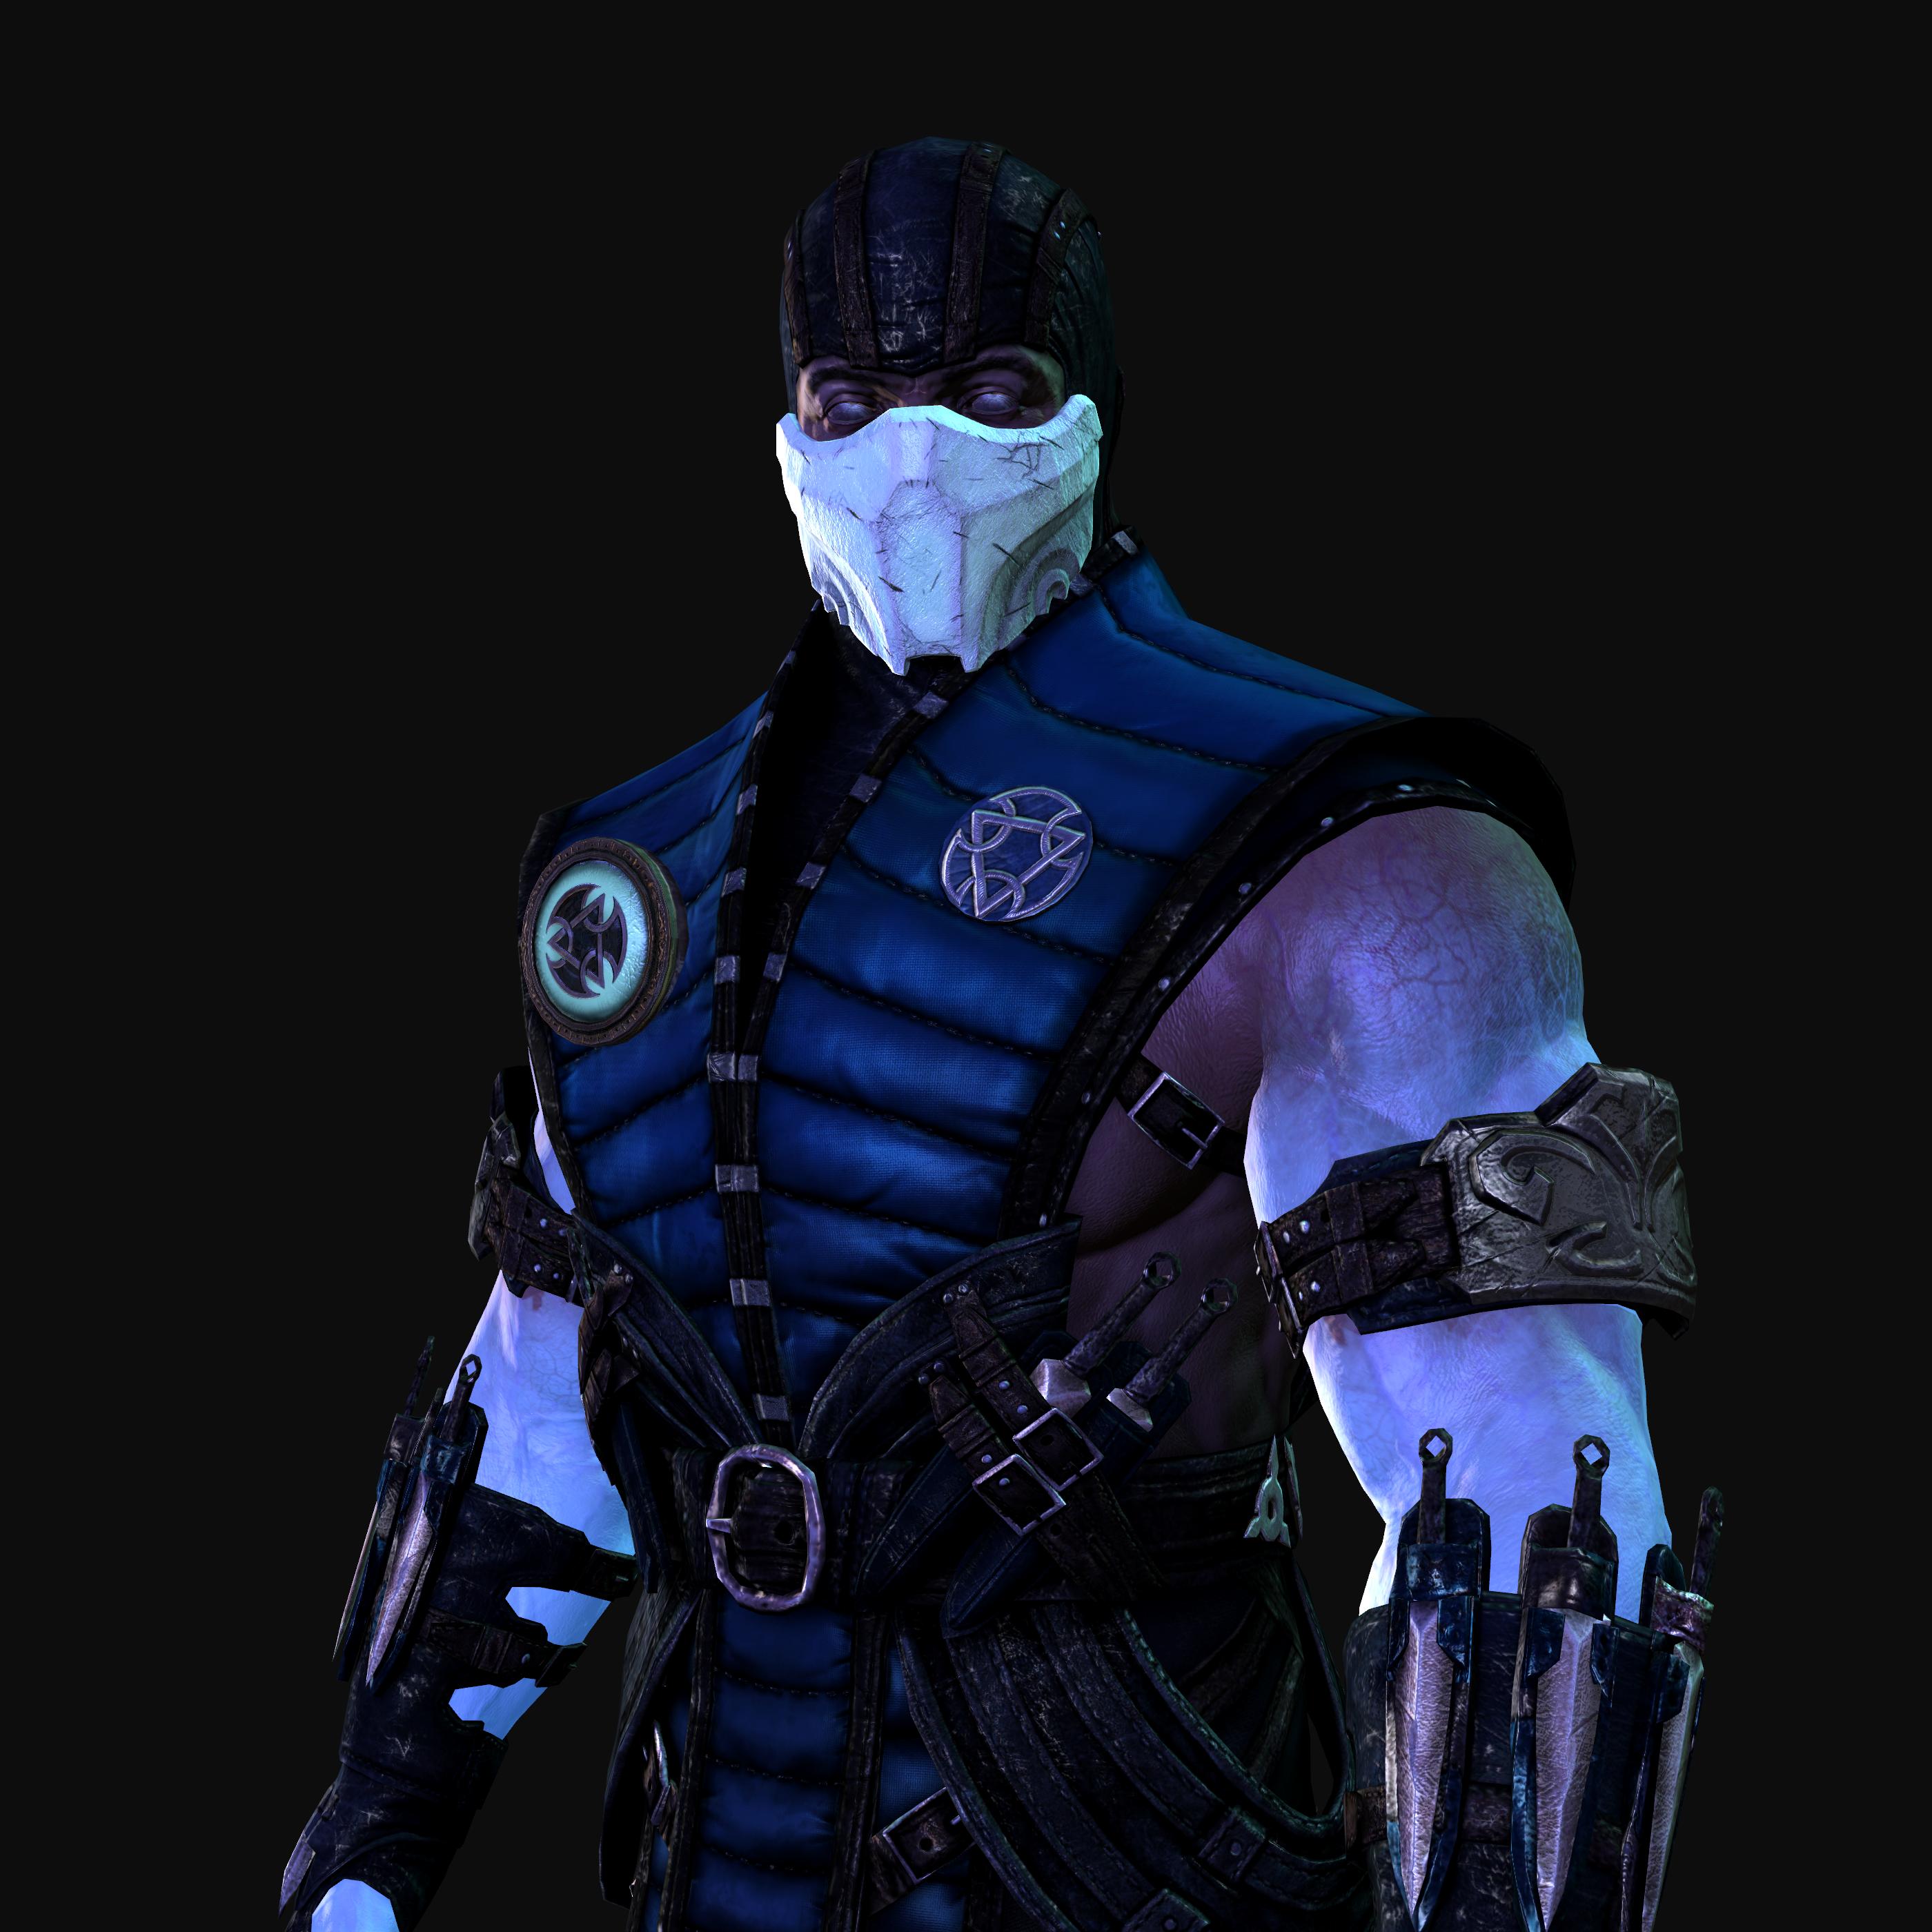 Mortal Kombat X Sub Zero Deviantart GrandMaster - Sub-Zero...